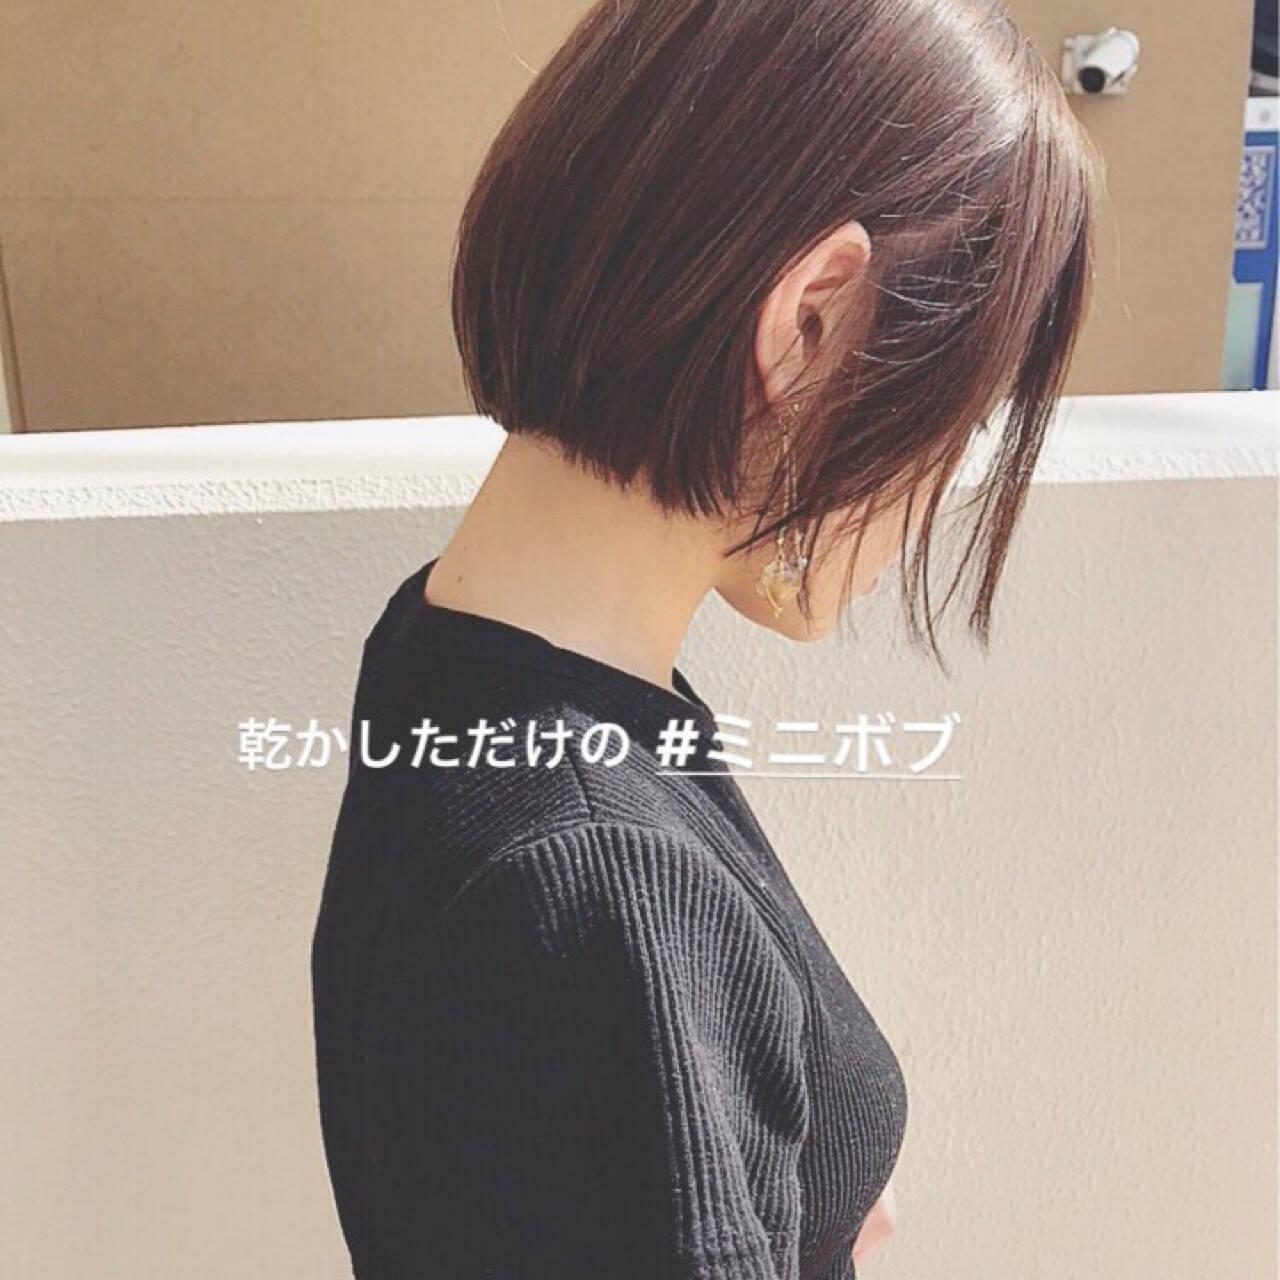 大人かわいい ショートボブ 簡単ヘアアレンジ ボブヘアスタイルや髪型の写真・画像